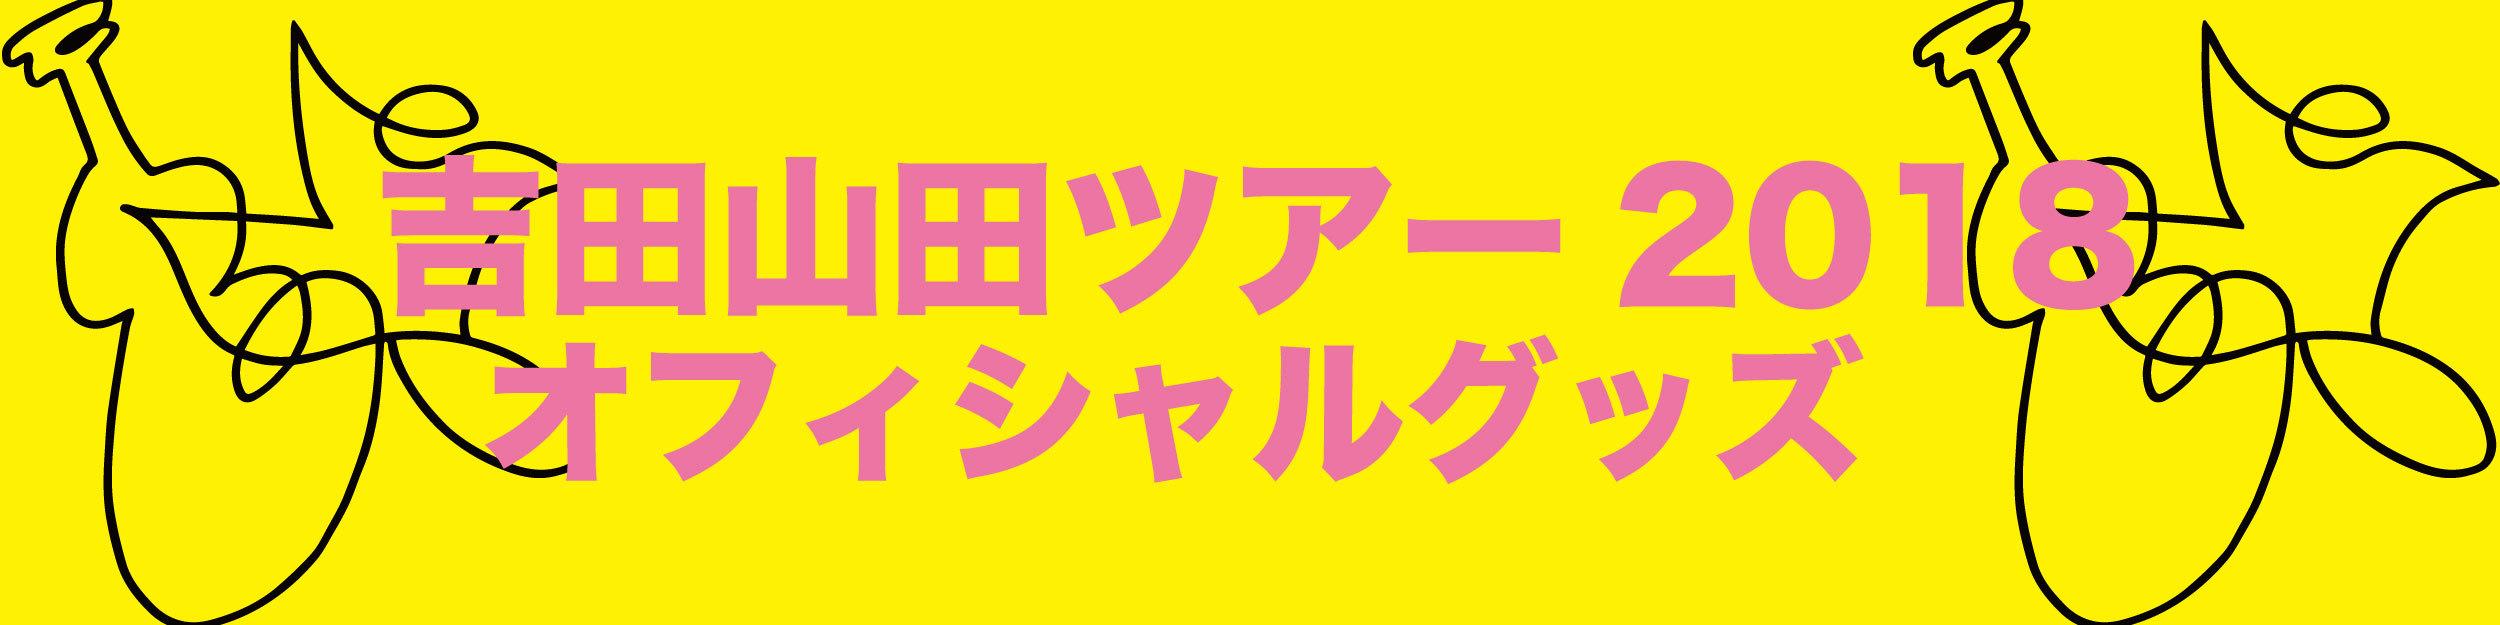 吉田山田ツアー2018グッズ